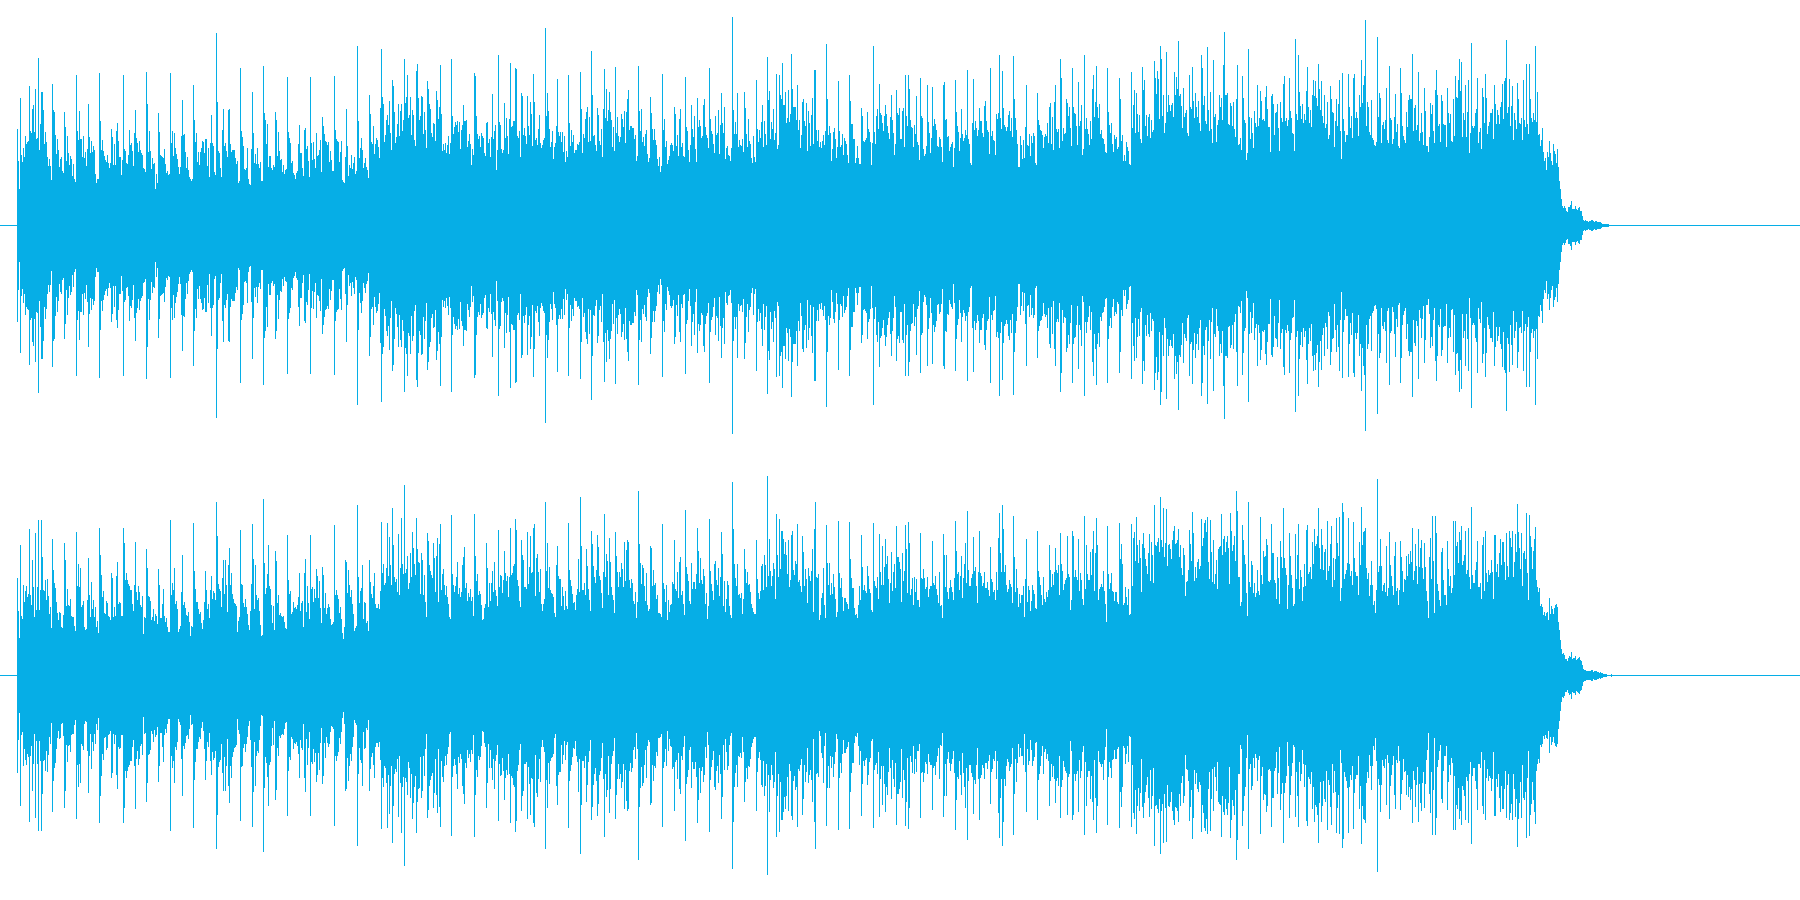 ハードロックの王道を行く直感的ギターの再生済みの波形